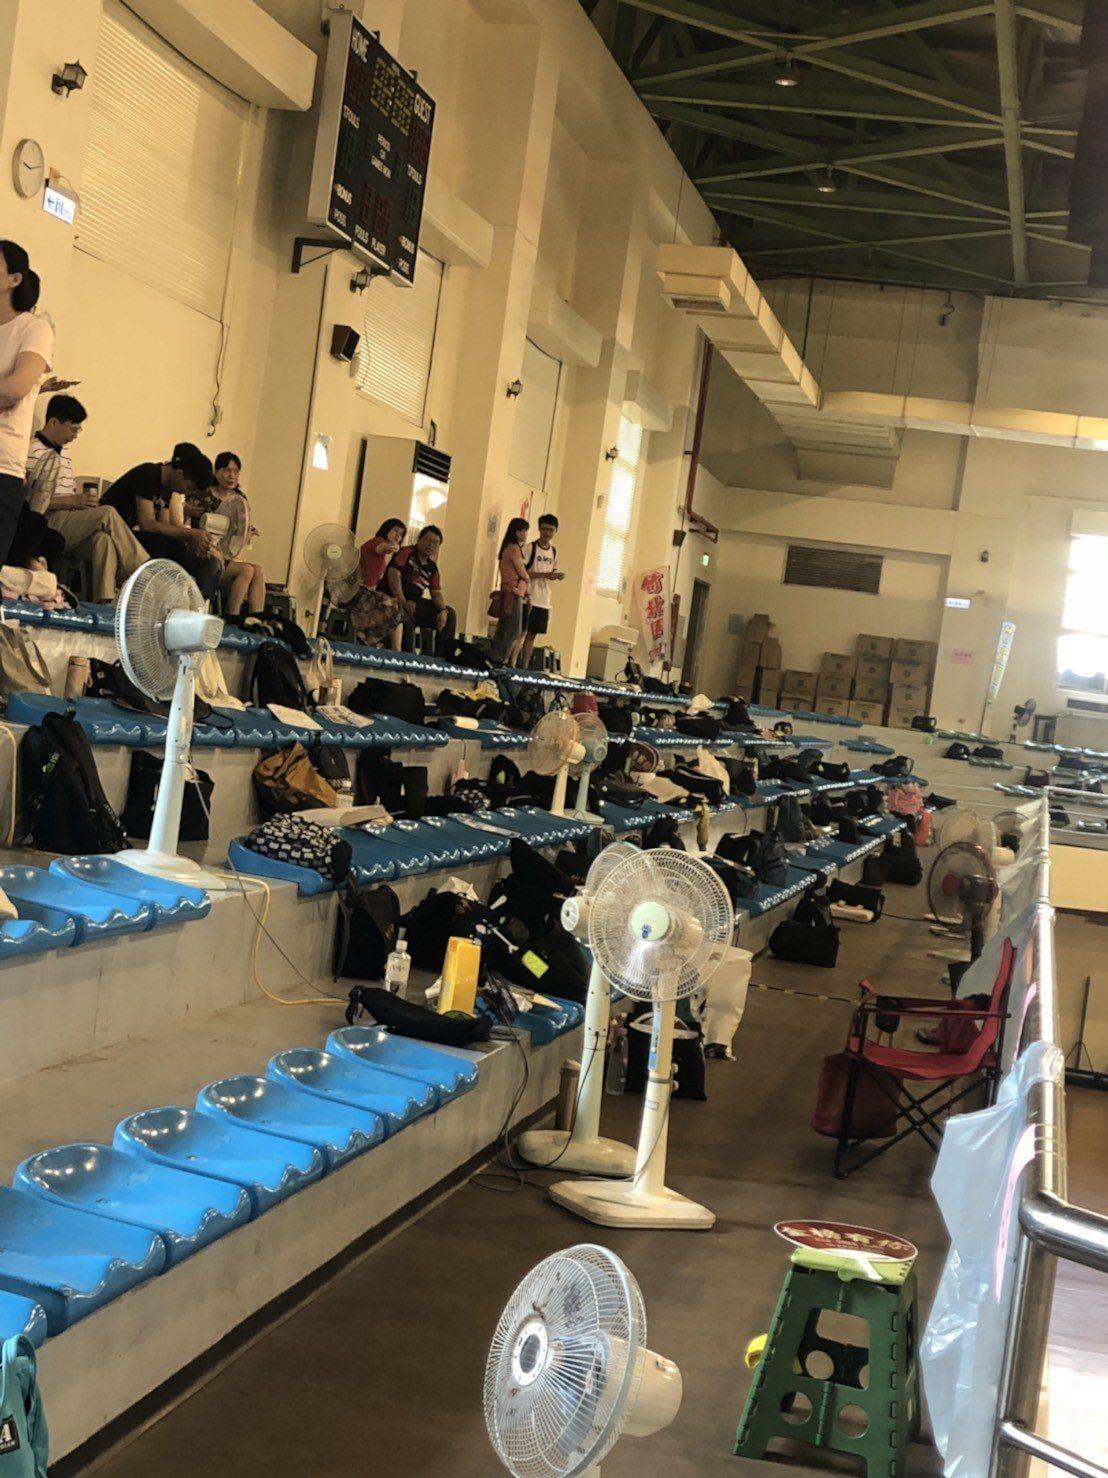 竹北高中的休息區大禮堂沒冷氣,用電扇吹都是熱風。圖/家長提供